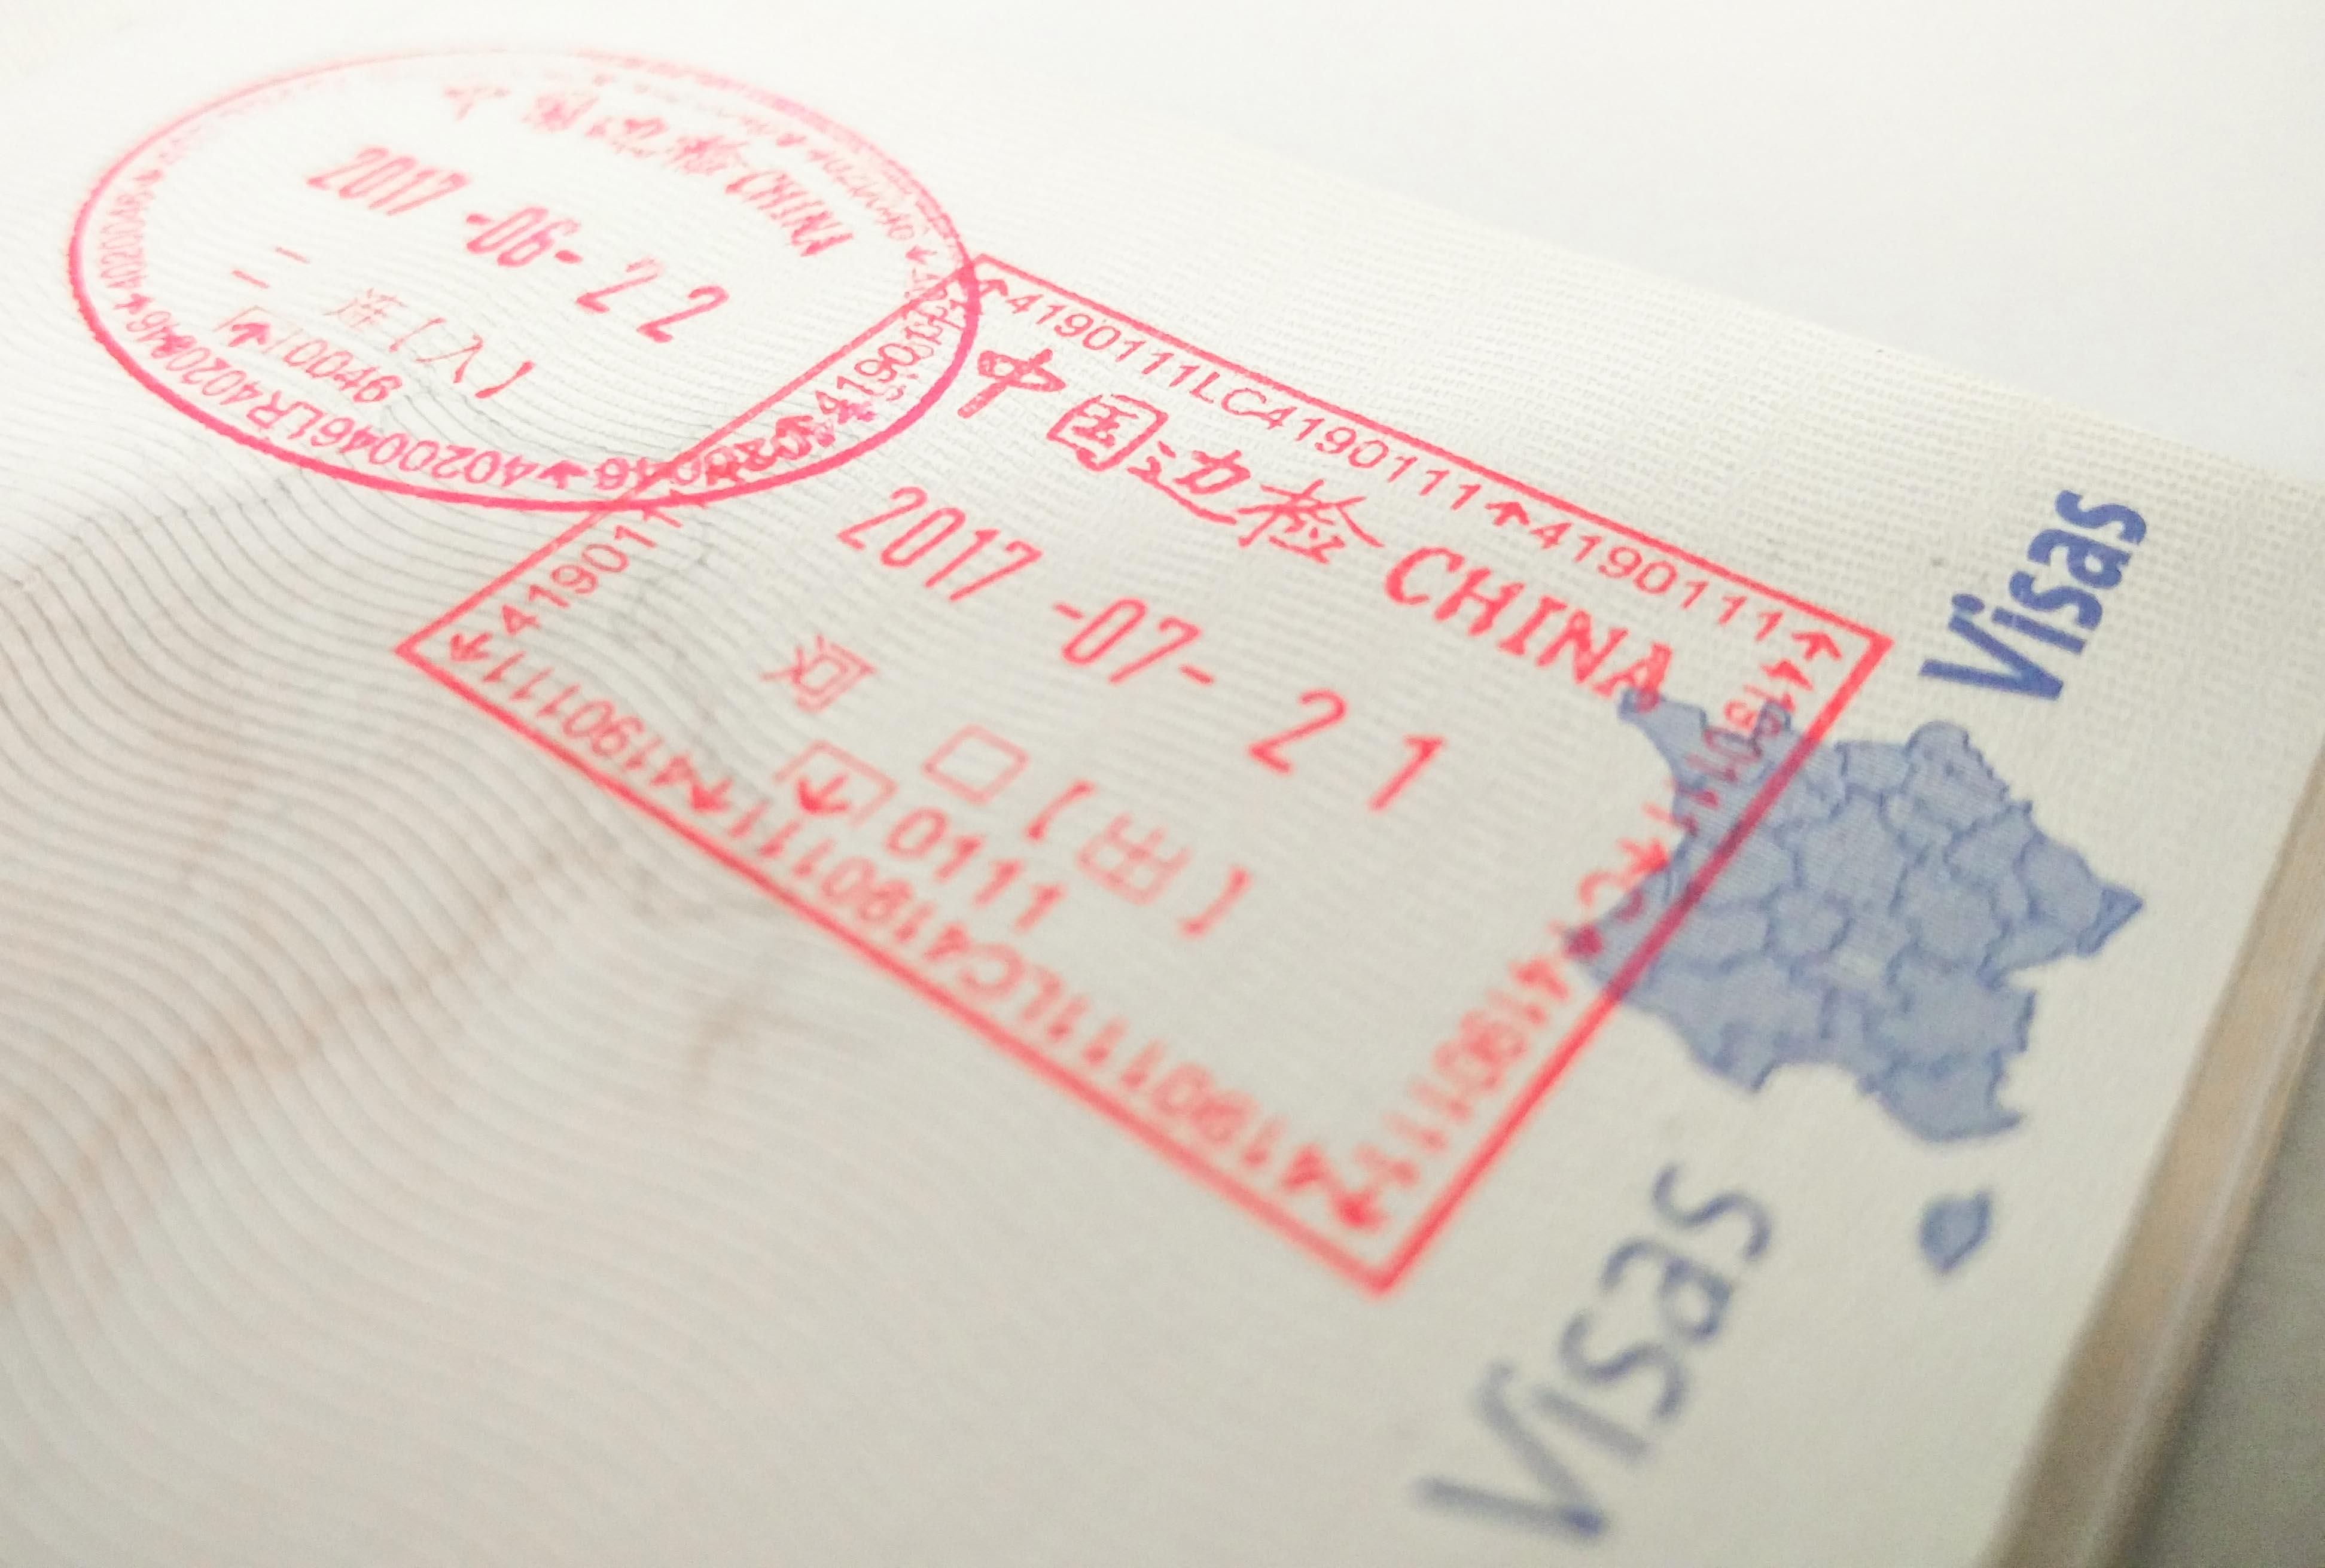 Obtenir le visa chinois sans itinéraire, ni date précise